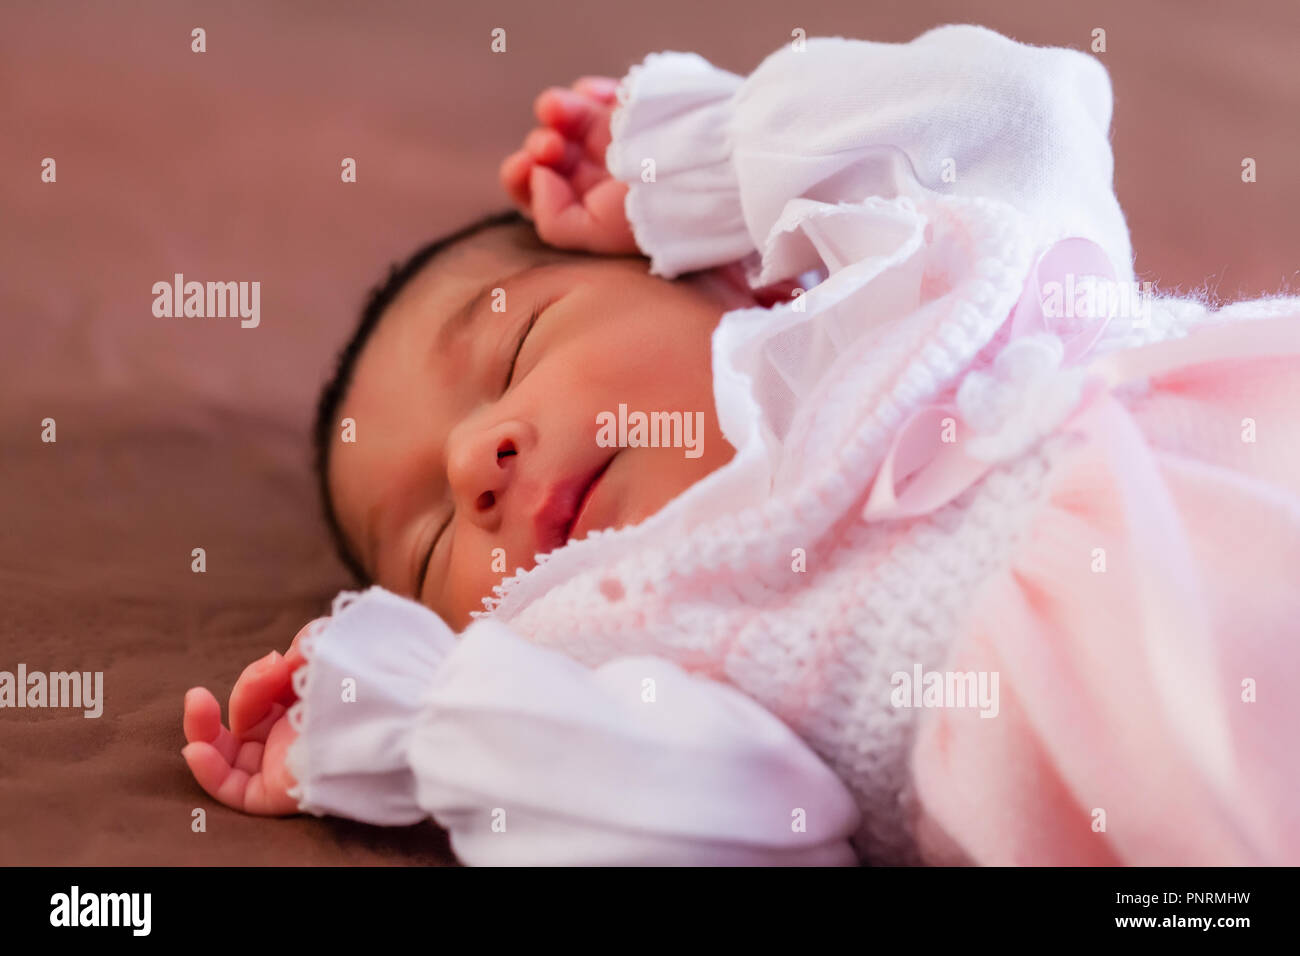 Cute zwei Wochen alte Neugeborene Mädchen mit rosa stricken Kleidung, friedlich schlafend im Bett Stockbild